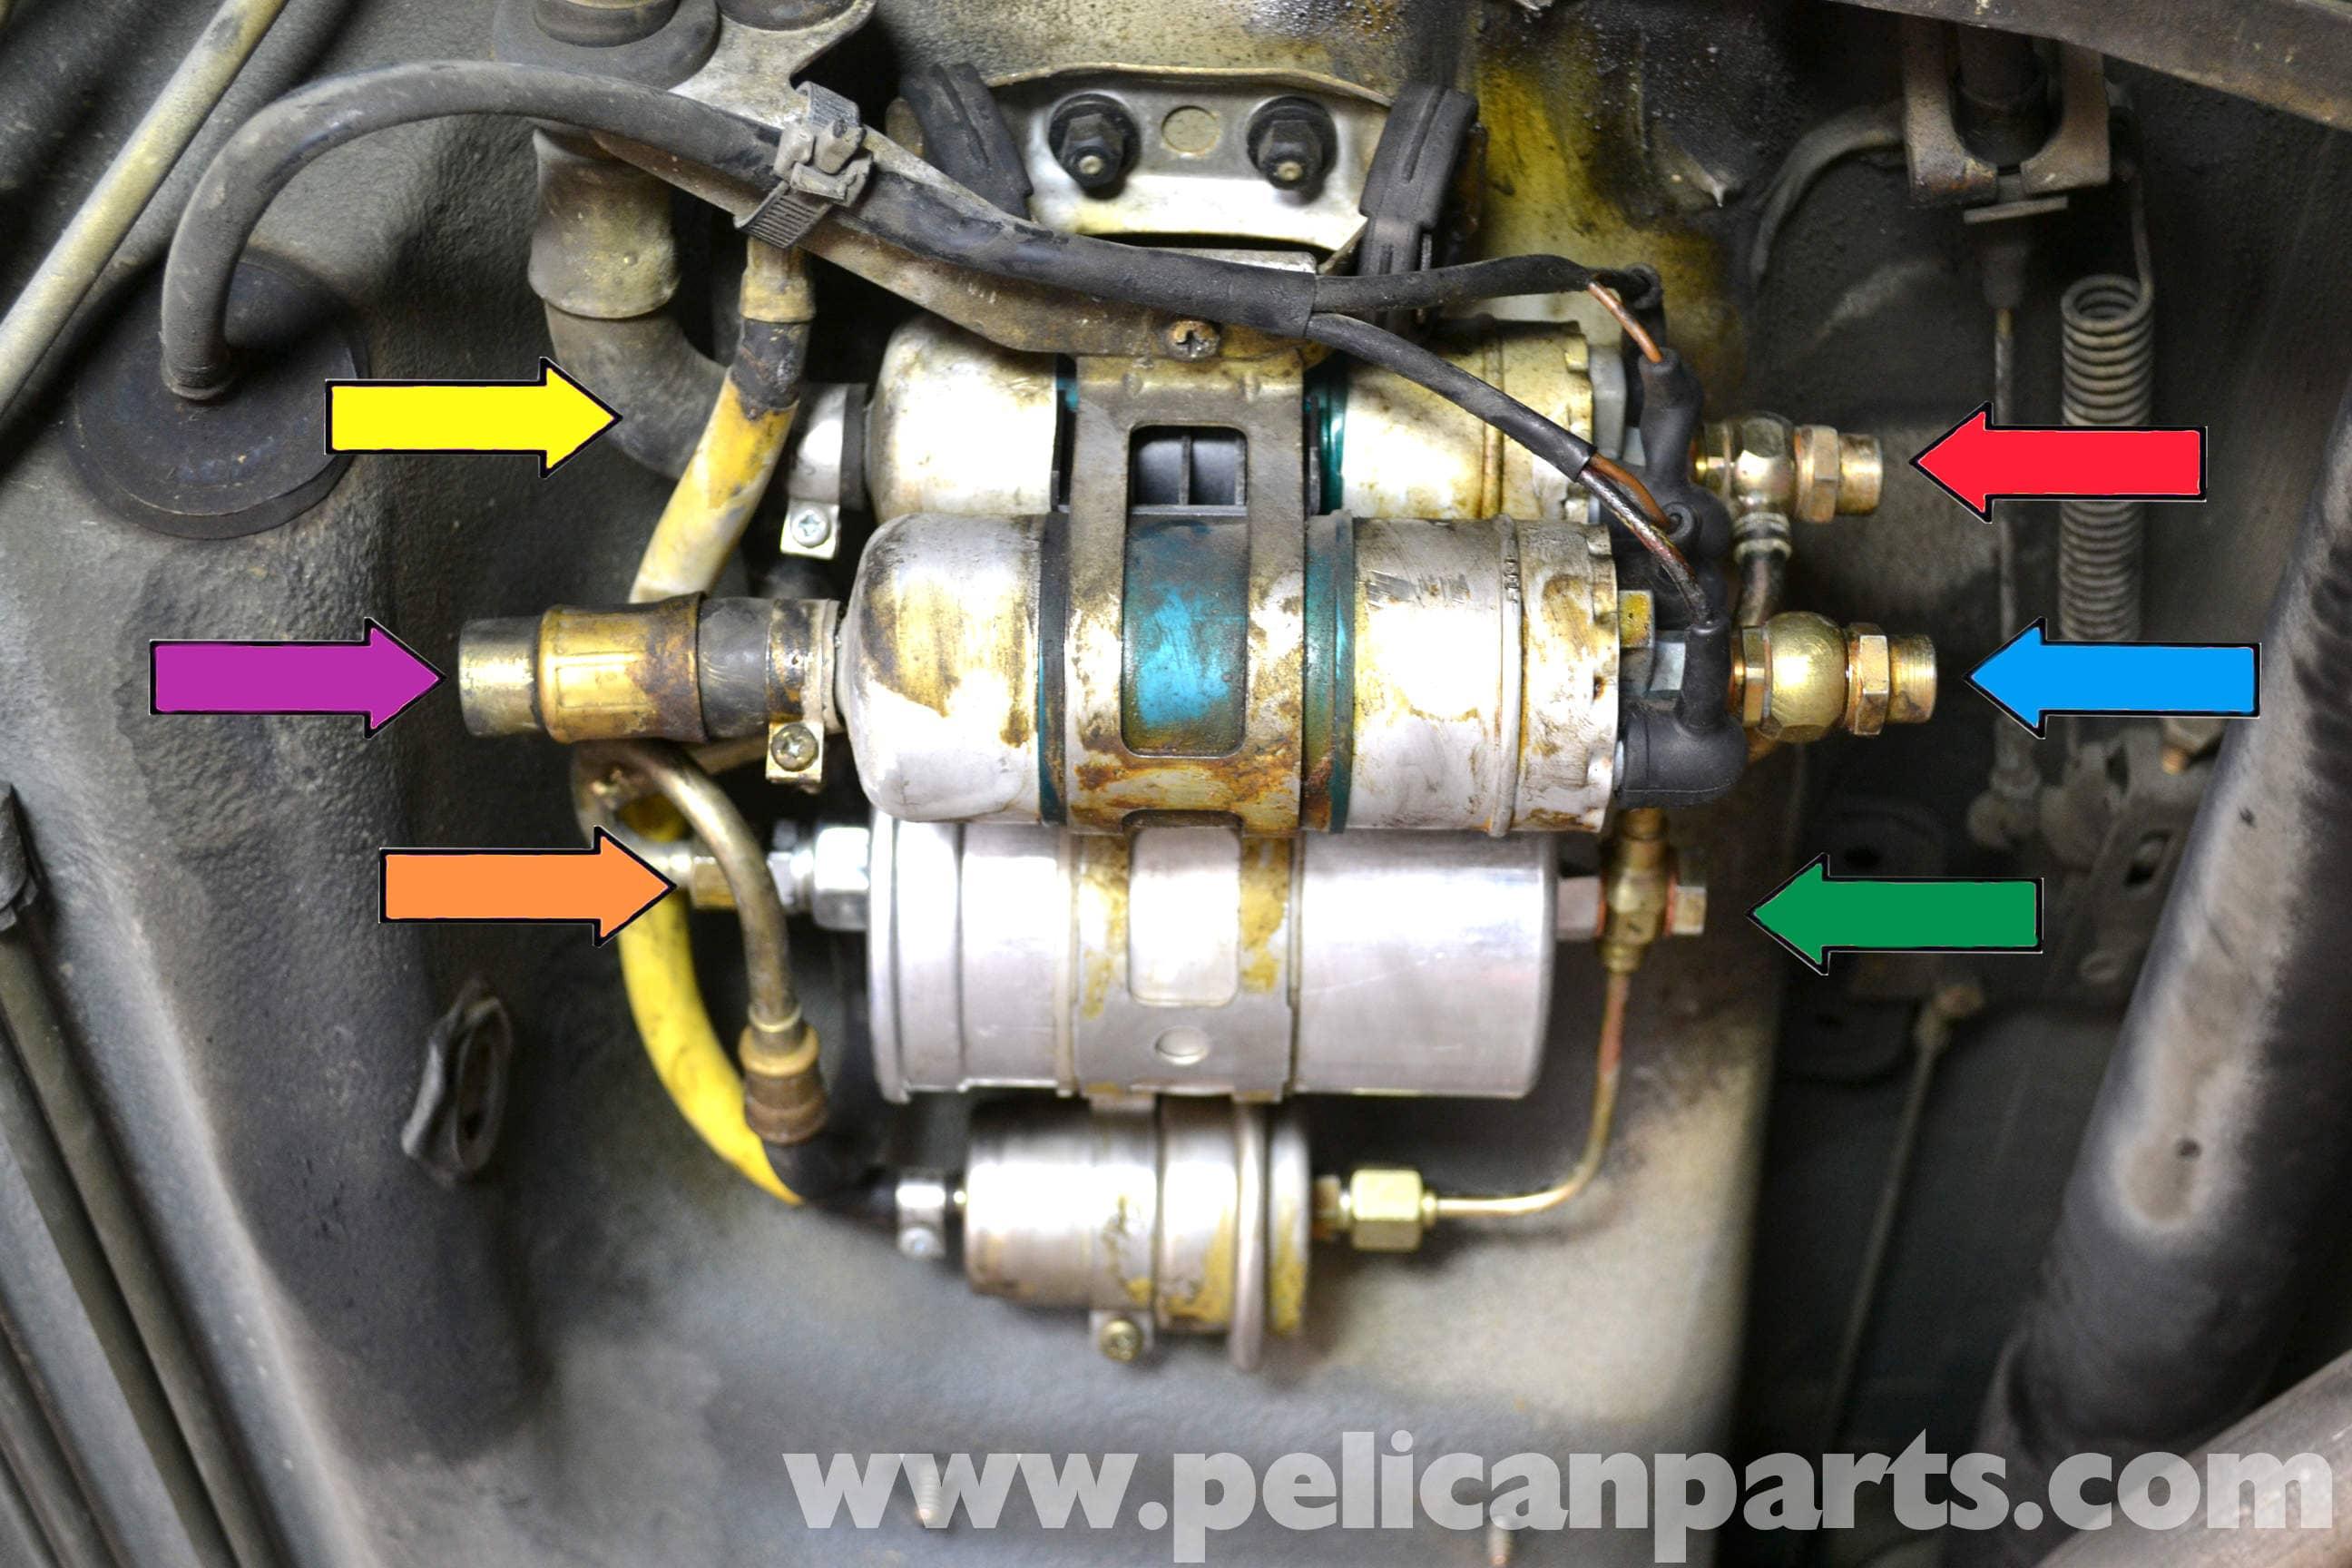 1981 380sl fuse diagram mercedes benz 190e fuel pump replacement w201 1987 1993  mercedes benz 190e fuel pump replacement w201 1987 1993